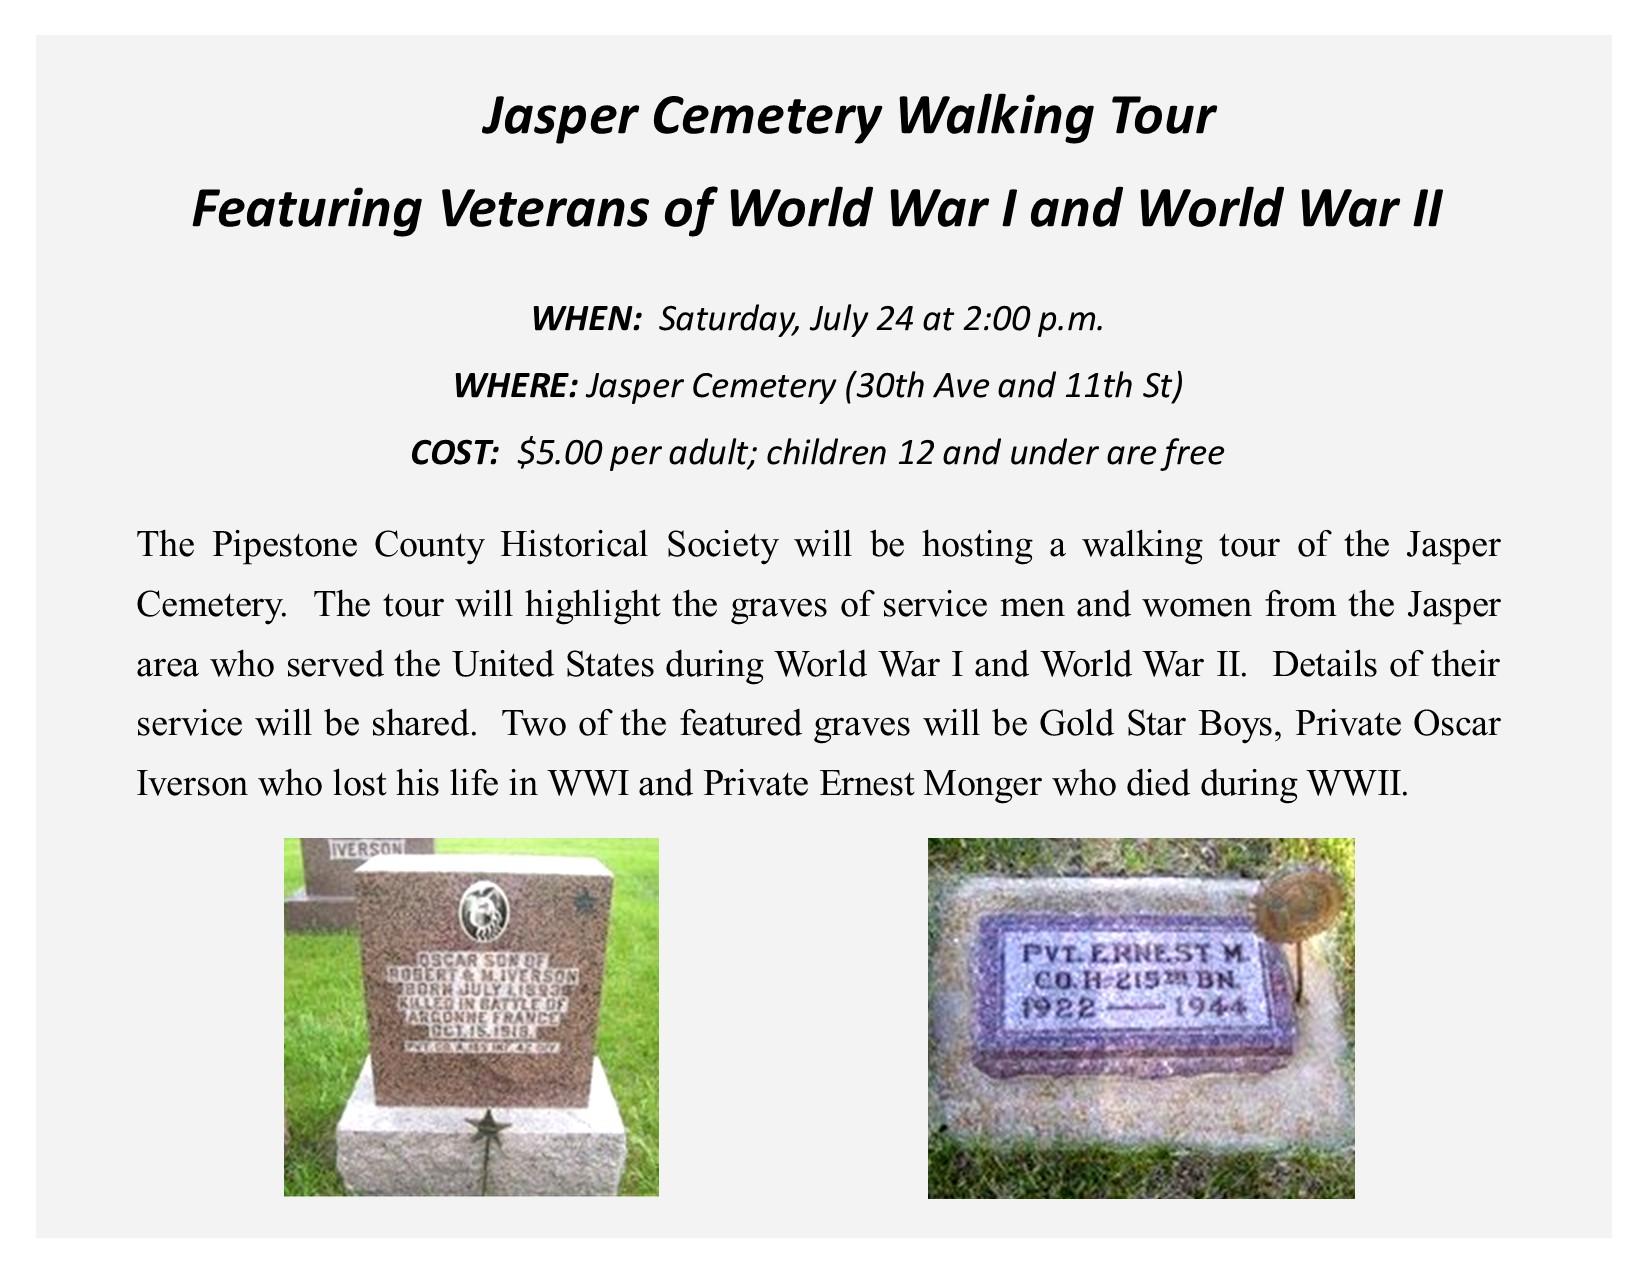 Jasper Cemetery Tour flyer